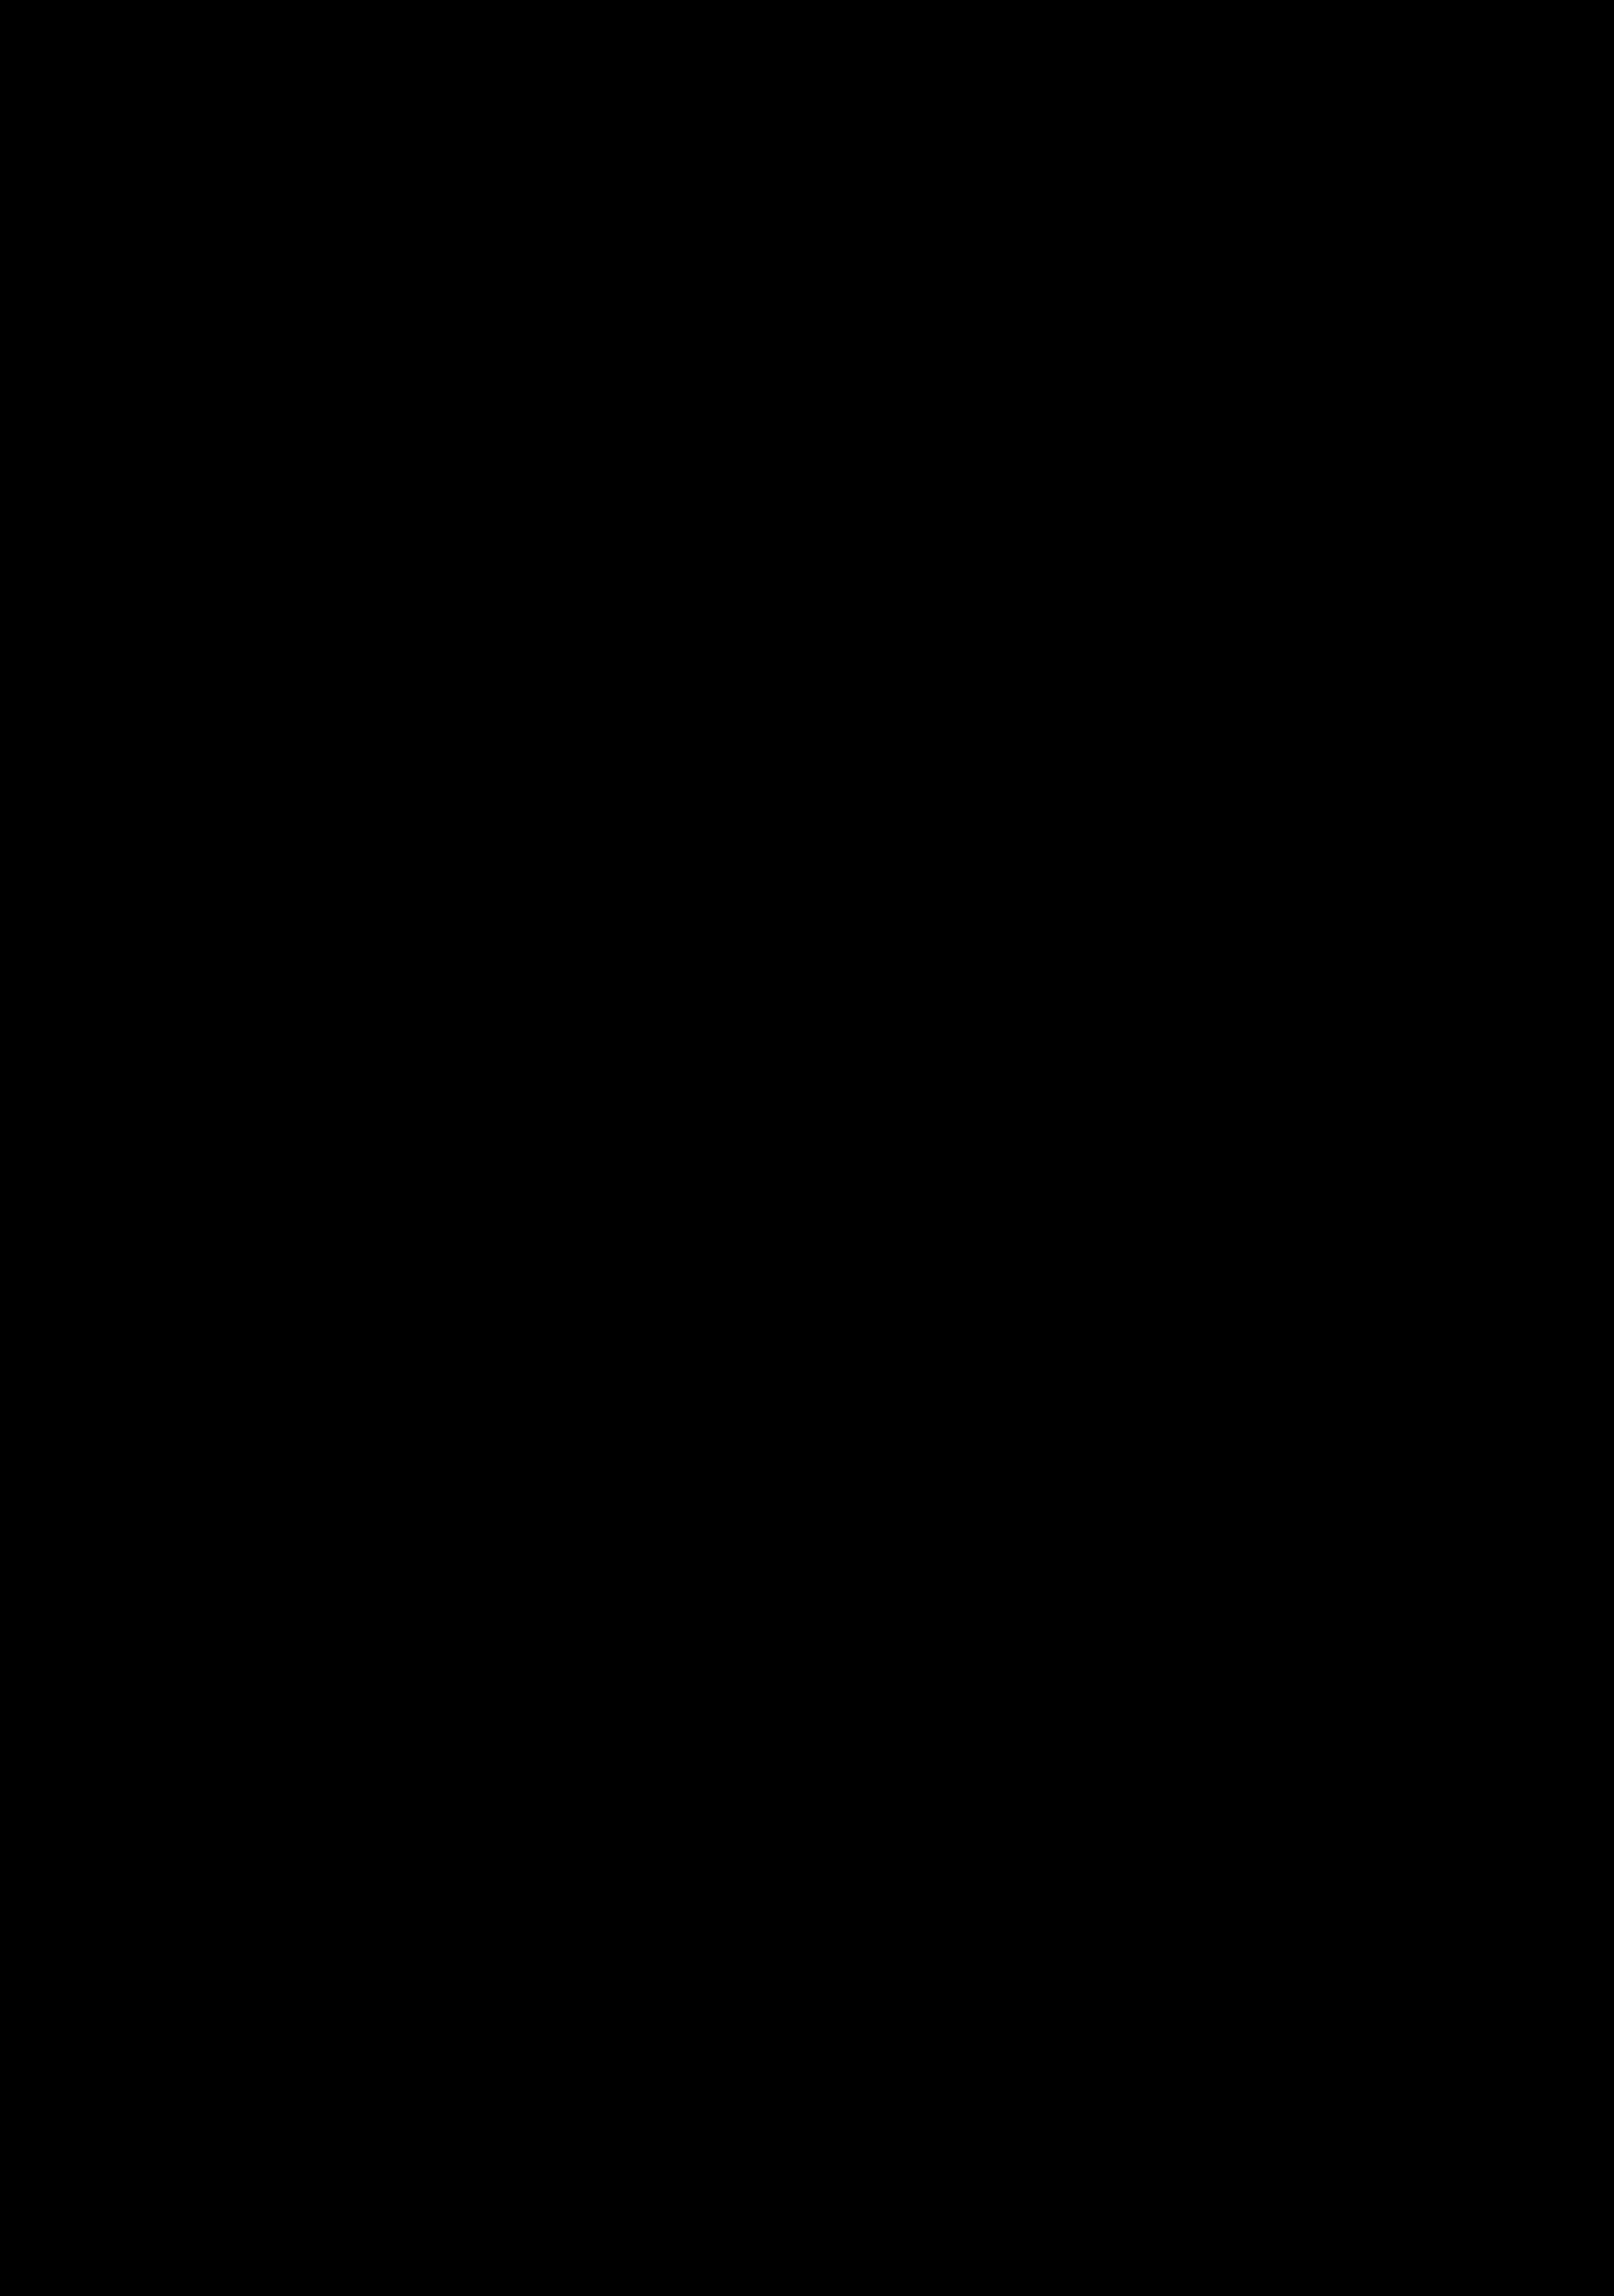 плакат фильма постер локализованные Дети шпионов в 4D